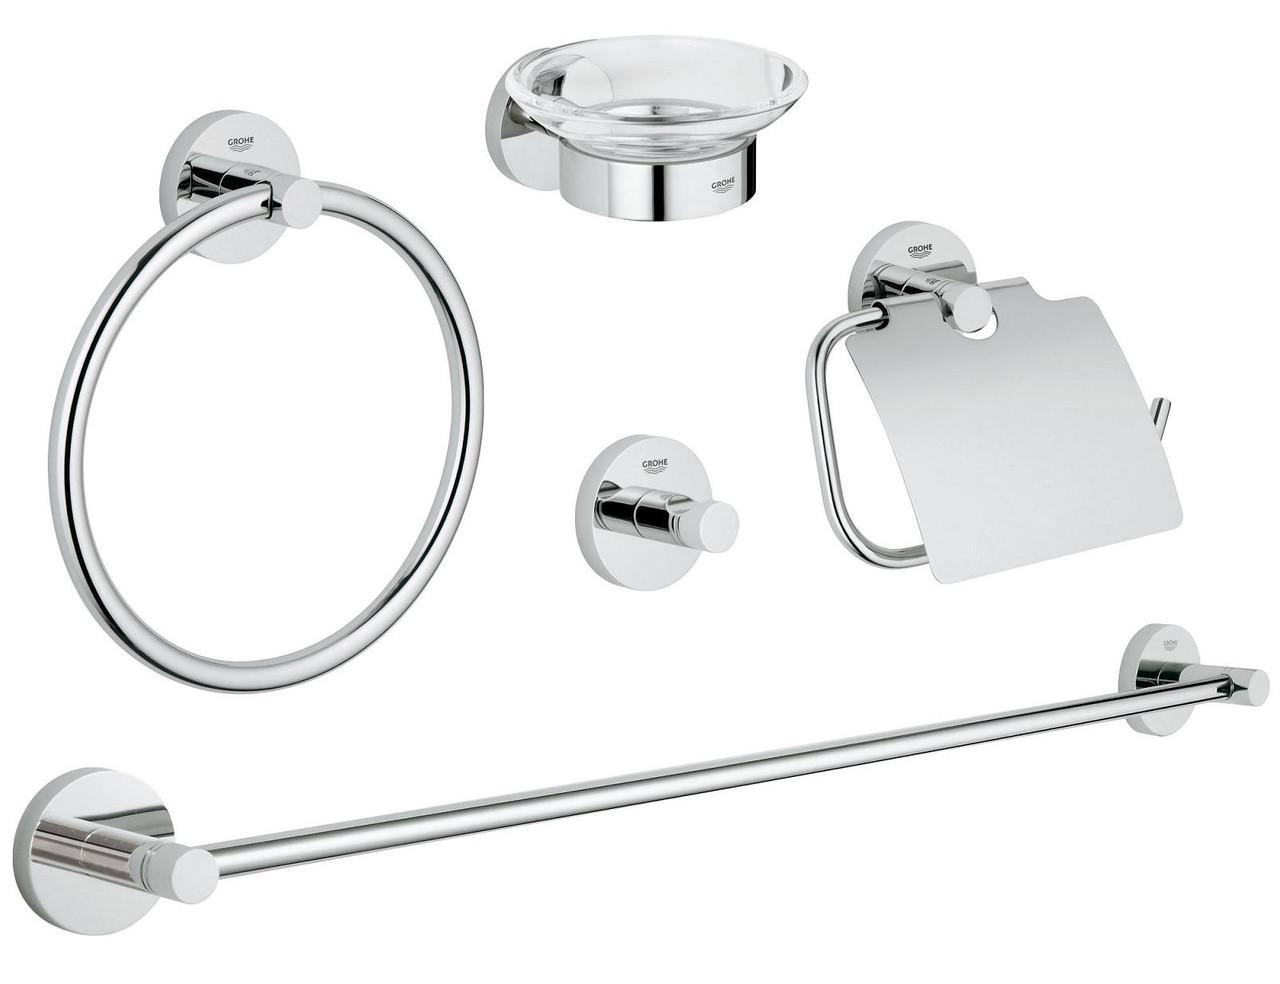 Essentials Набор аксессуаров для ванной комнаты, цвет хром